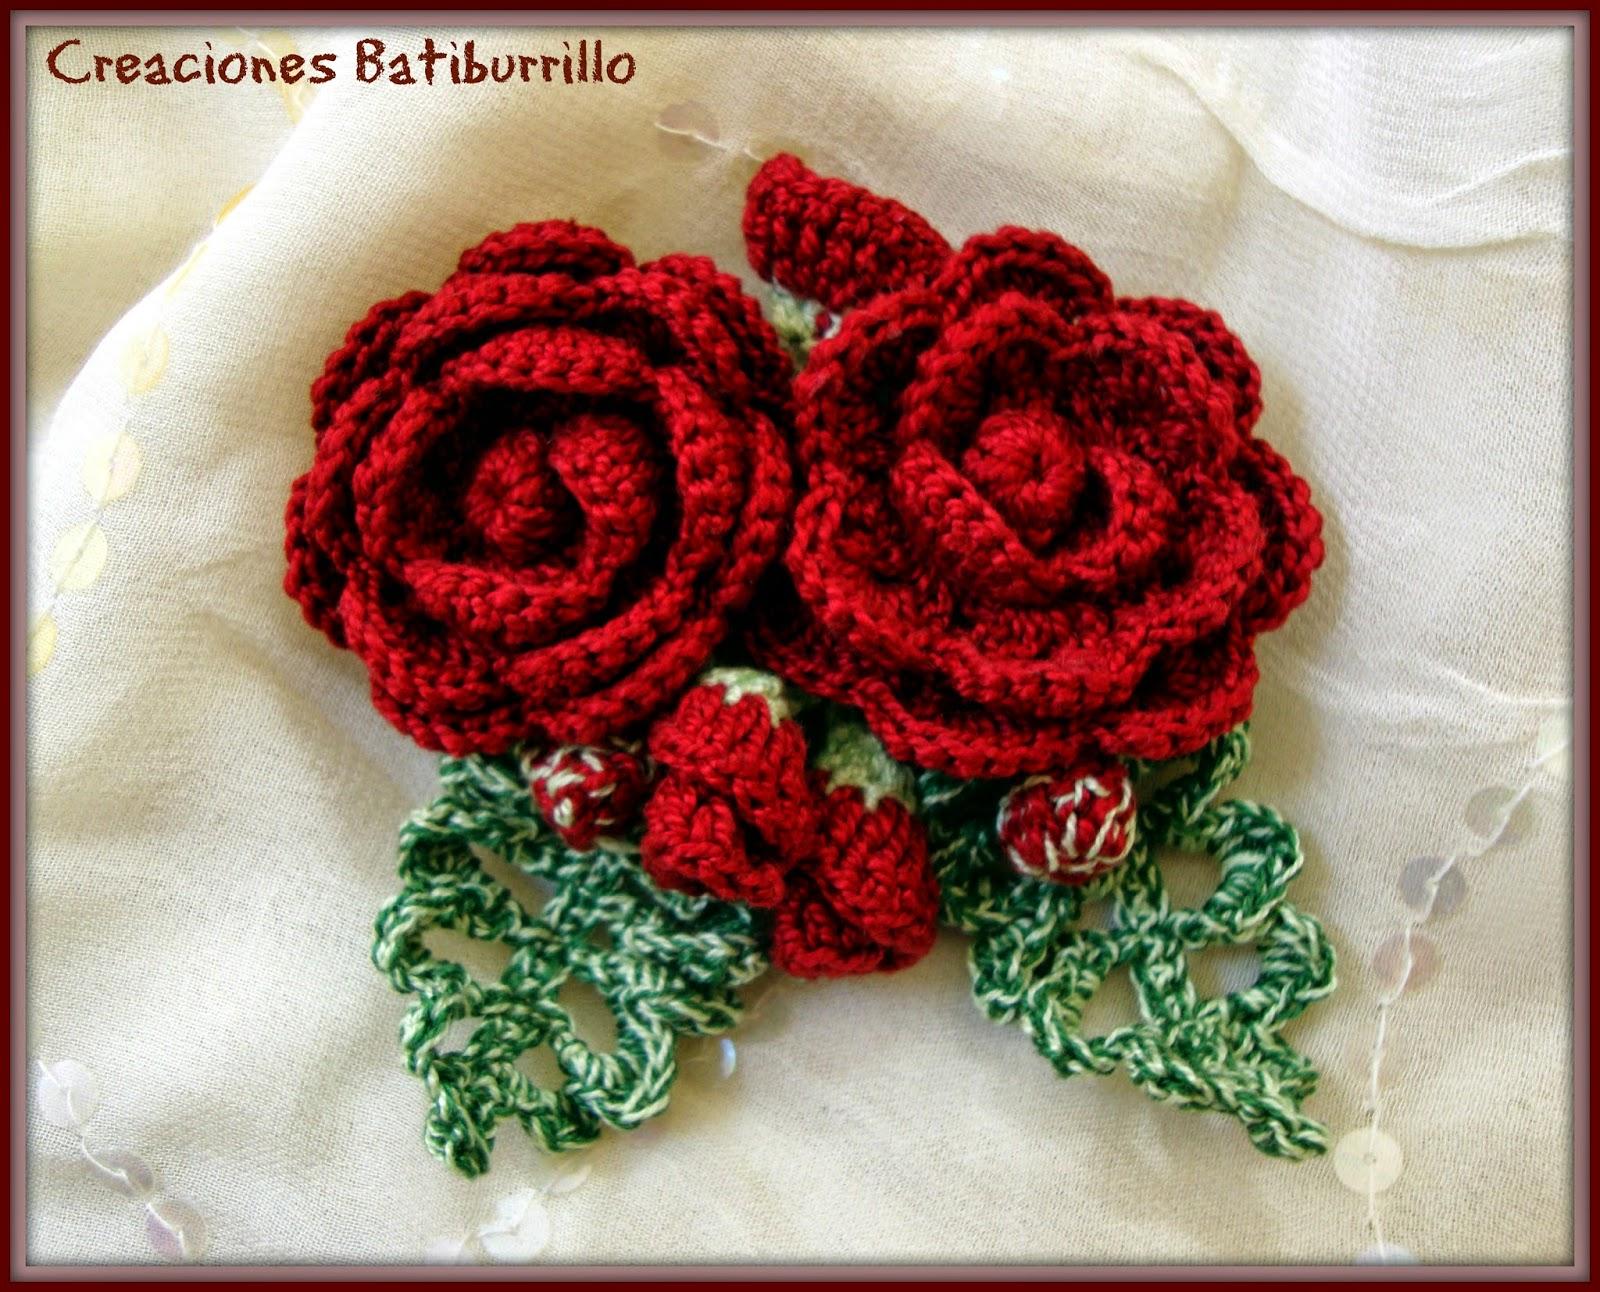 CREACIONES BATIBURRILLO: BROCHE ROSAS ROJAS CROCHET